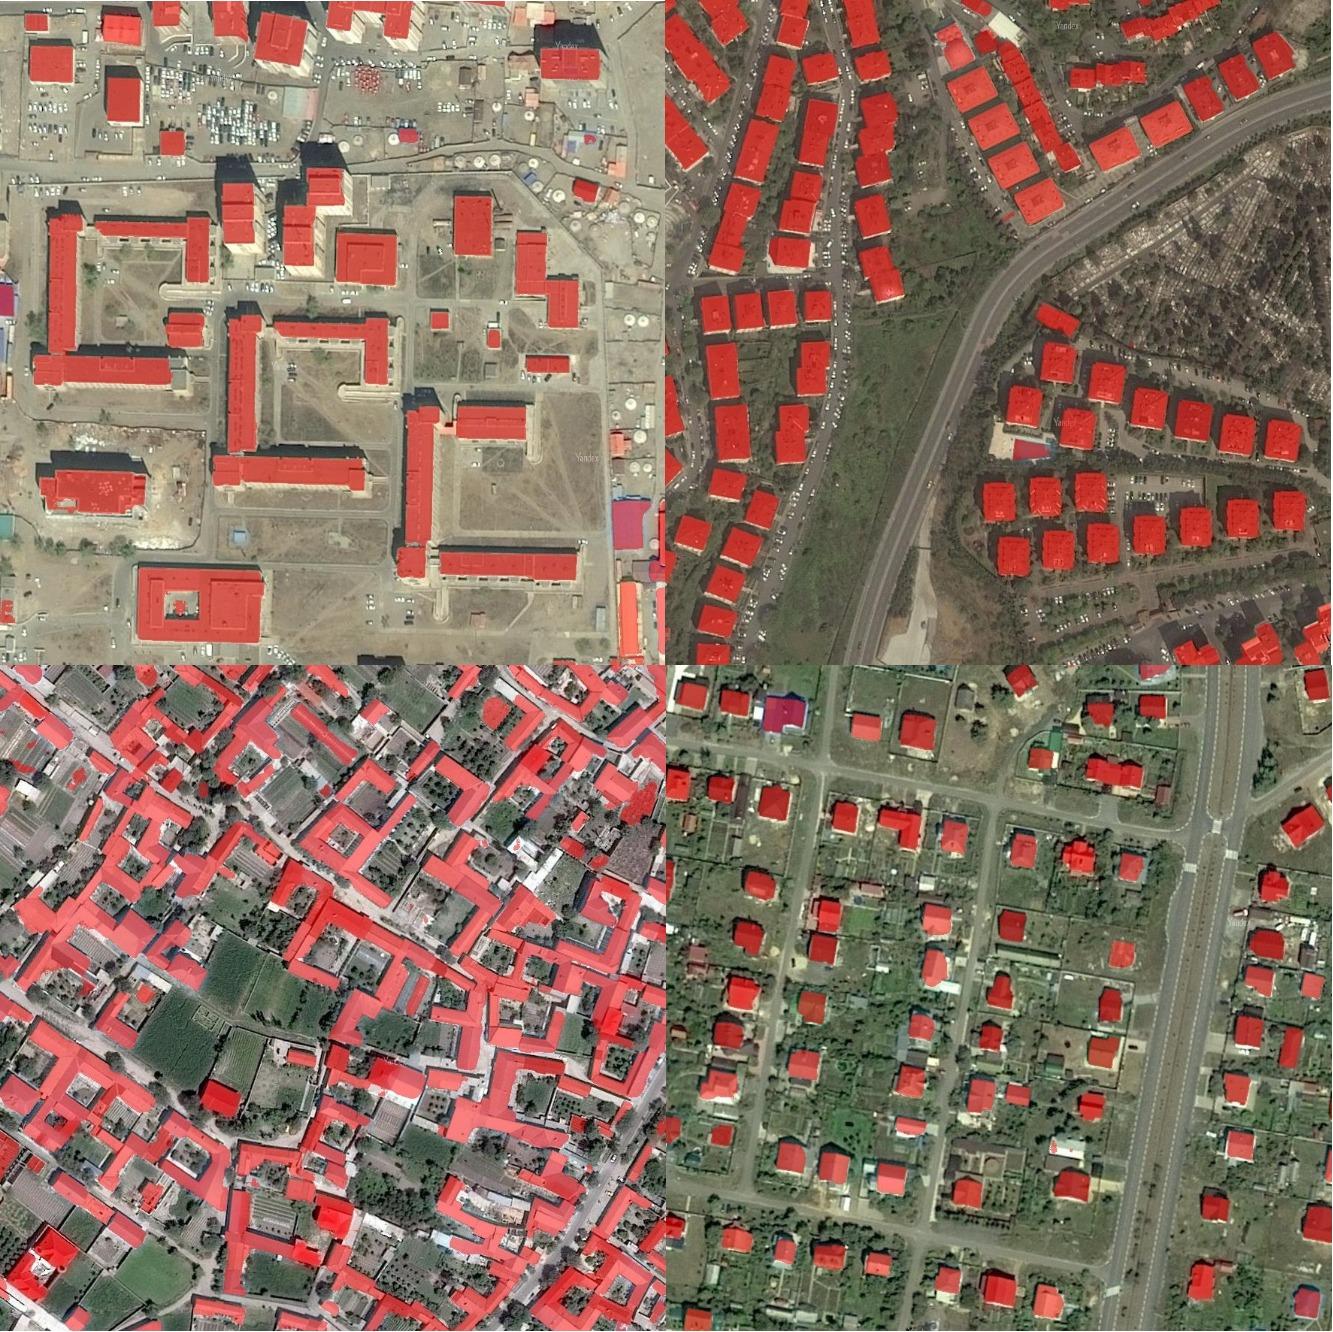 Как превратить спутниковые снимки в карты. Компьютерное зрение в Яндексе